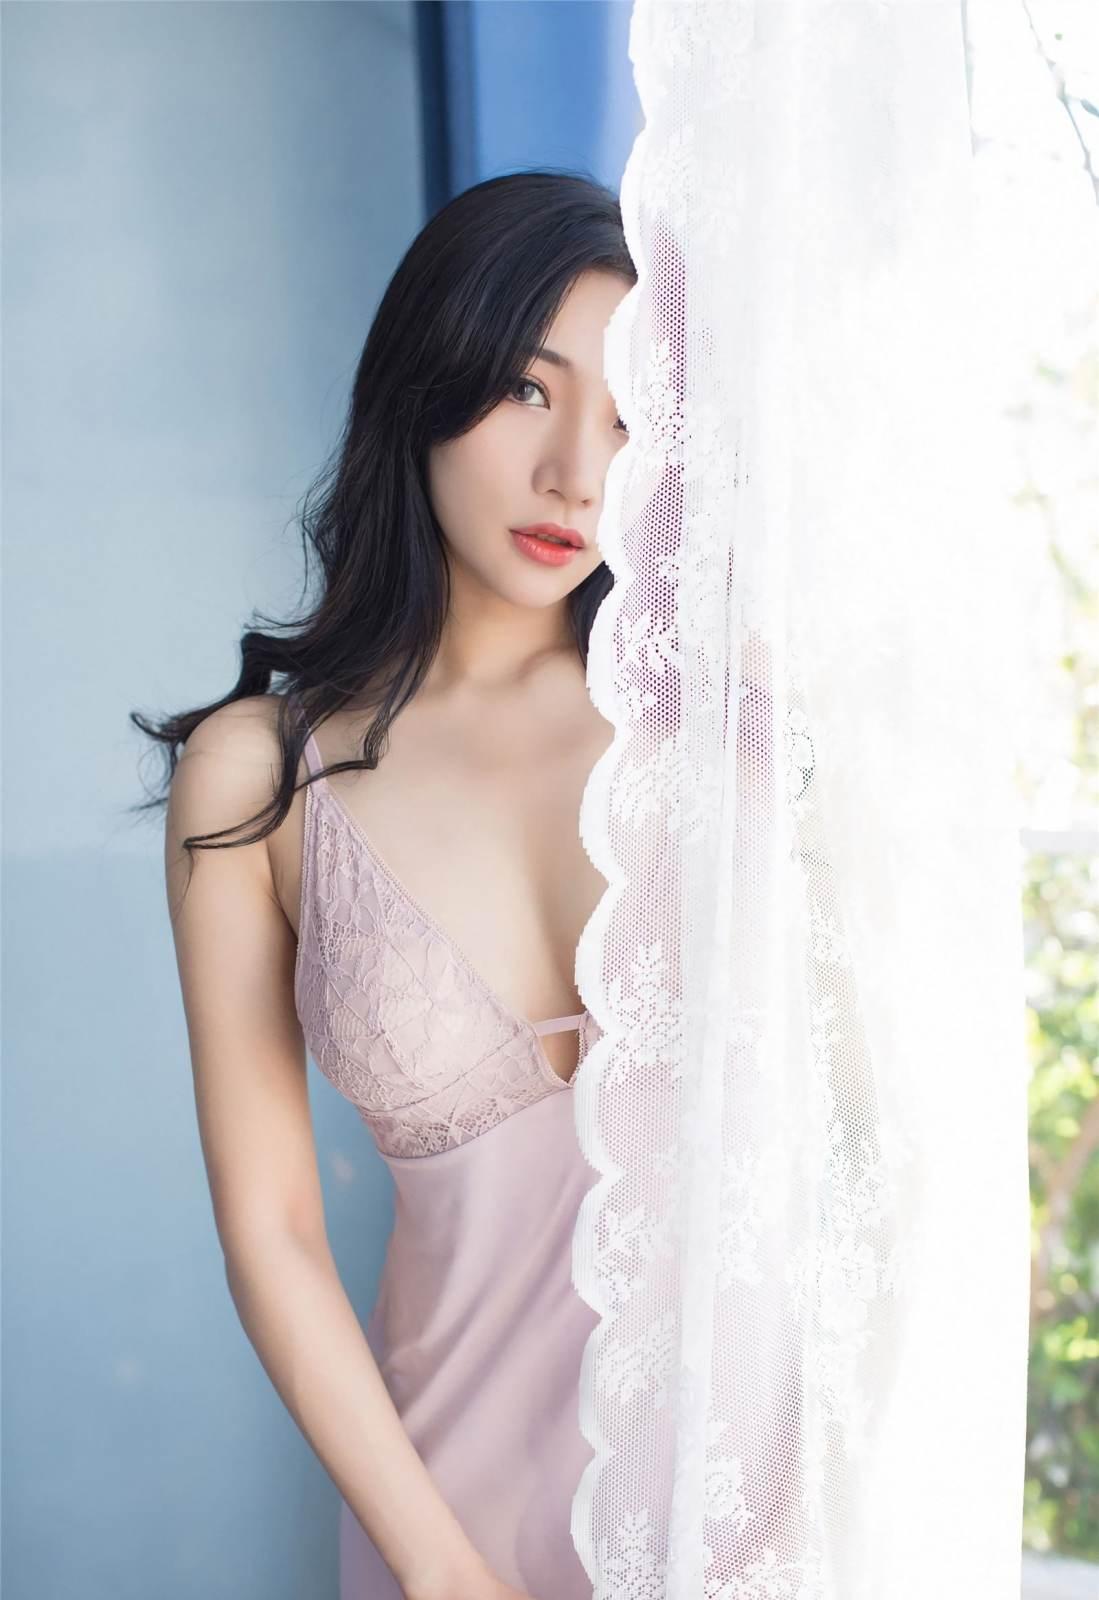 第116期睡美人小狐狸(睡袍)_图片3